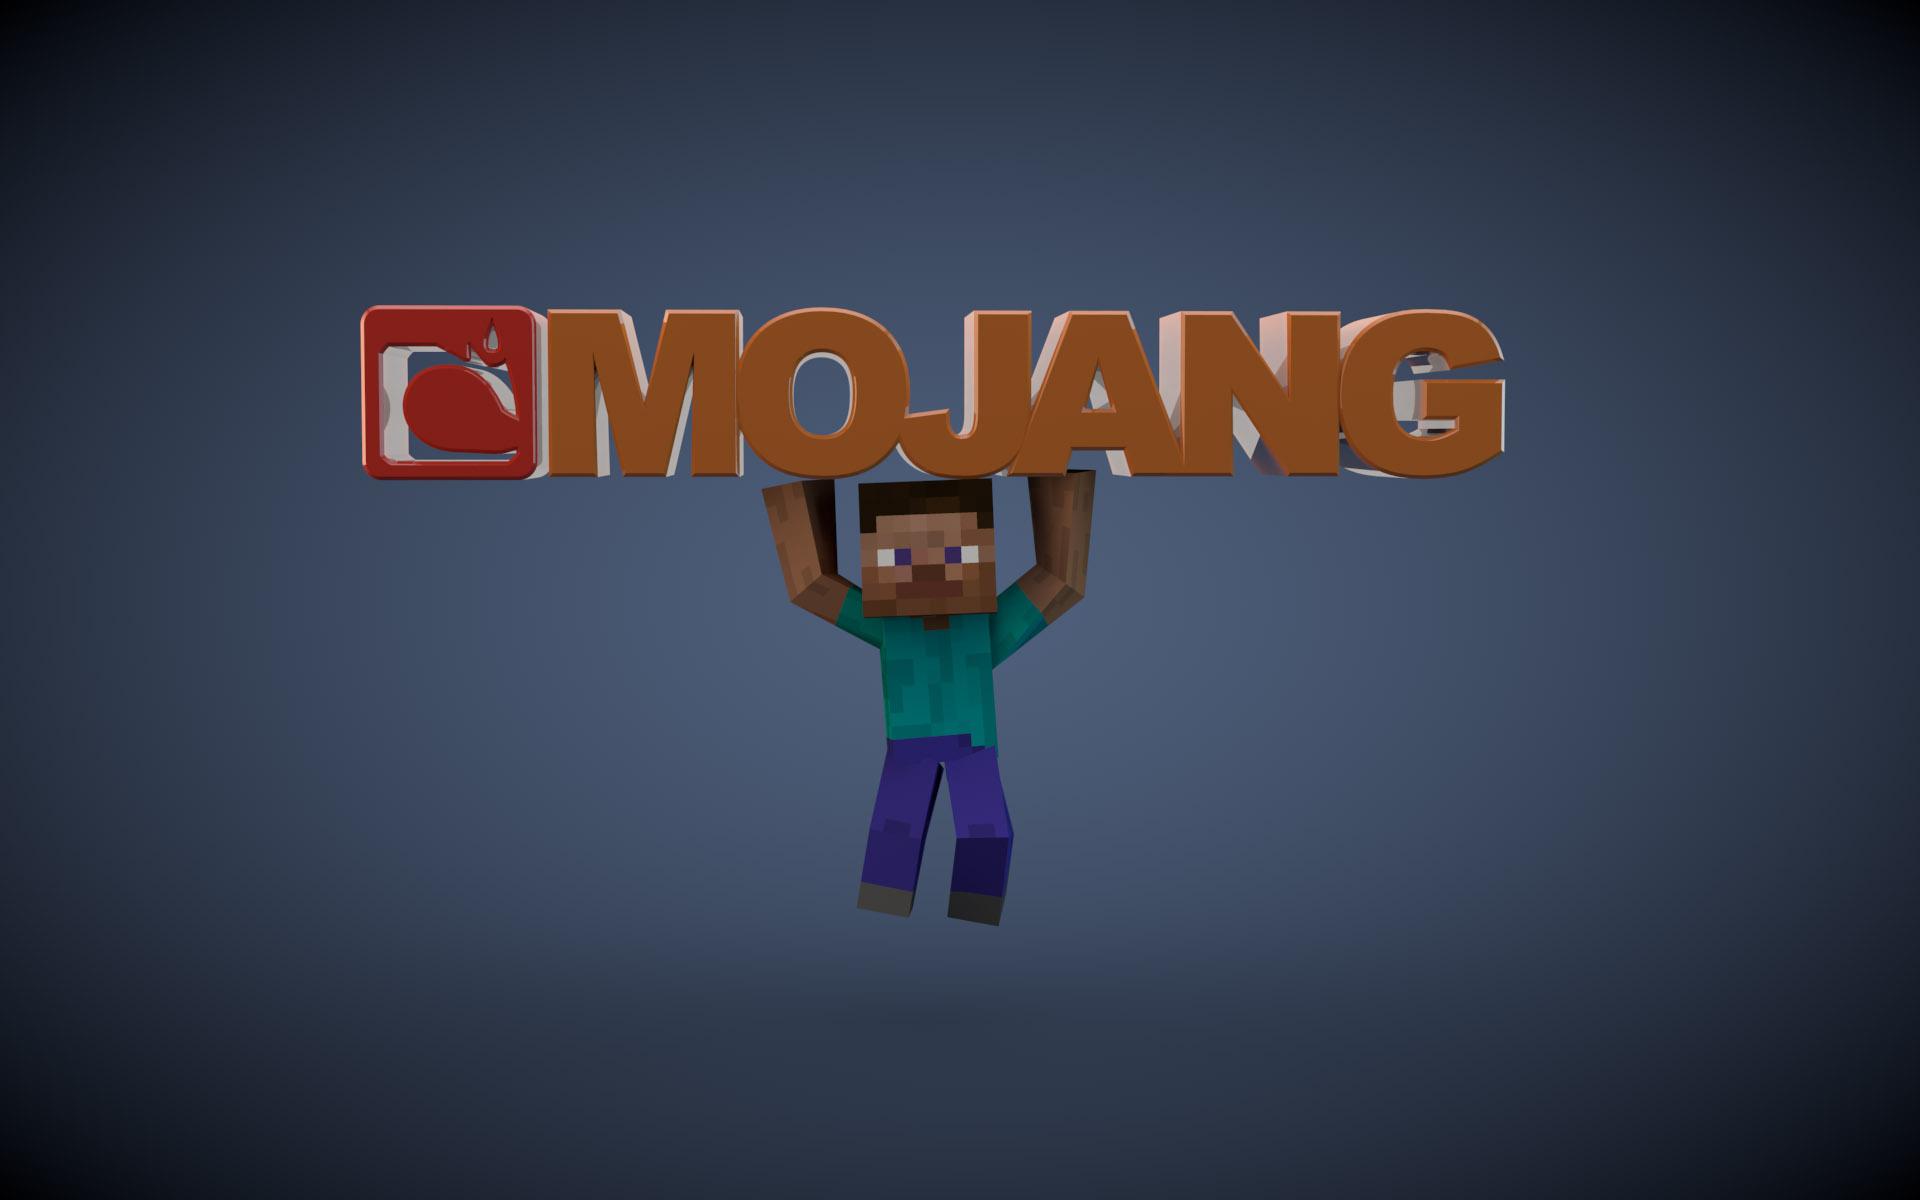 Simple Wallpaper Minecraft Design - mojang-wallpaper-minecraft-1  Gallery_204835.jpg?x96762